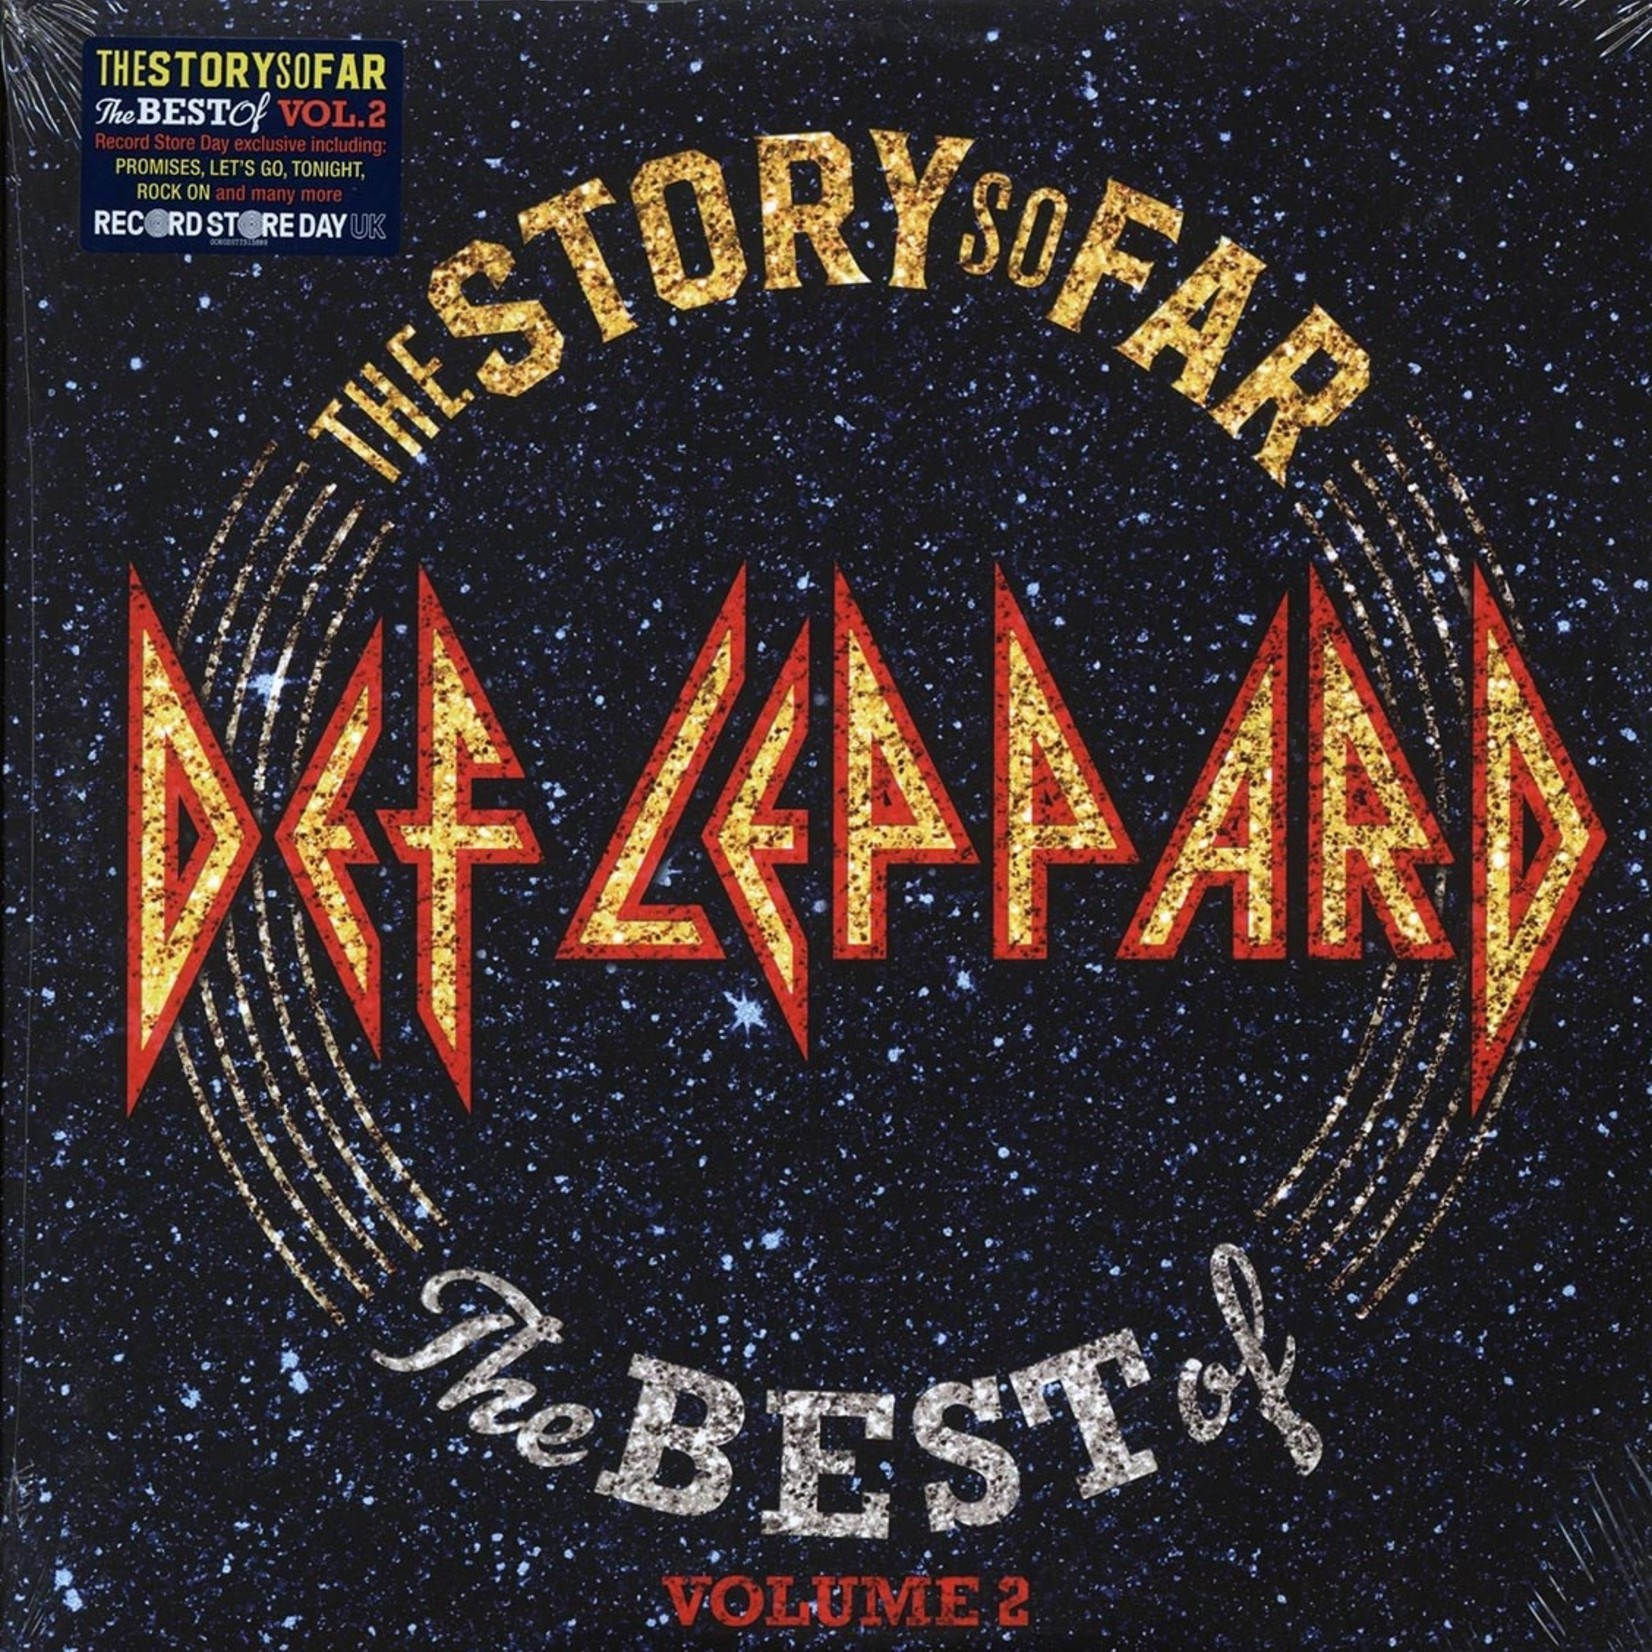 Def Leppard Def Leppard - Story So Far Vol. 2